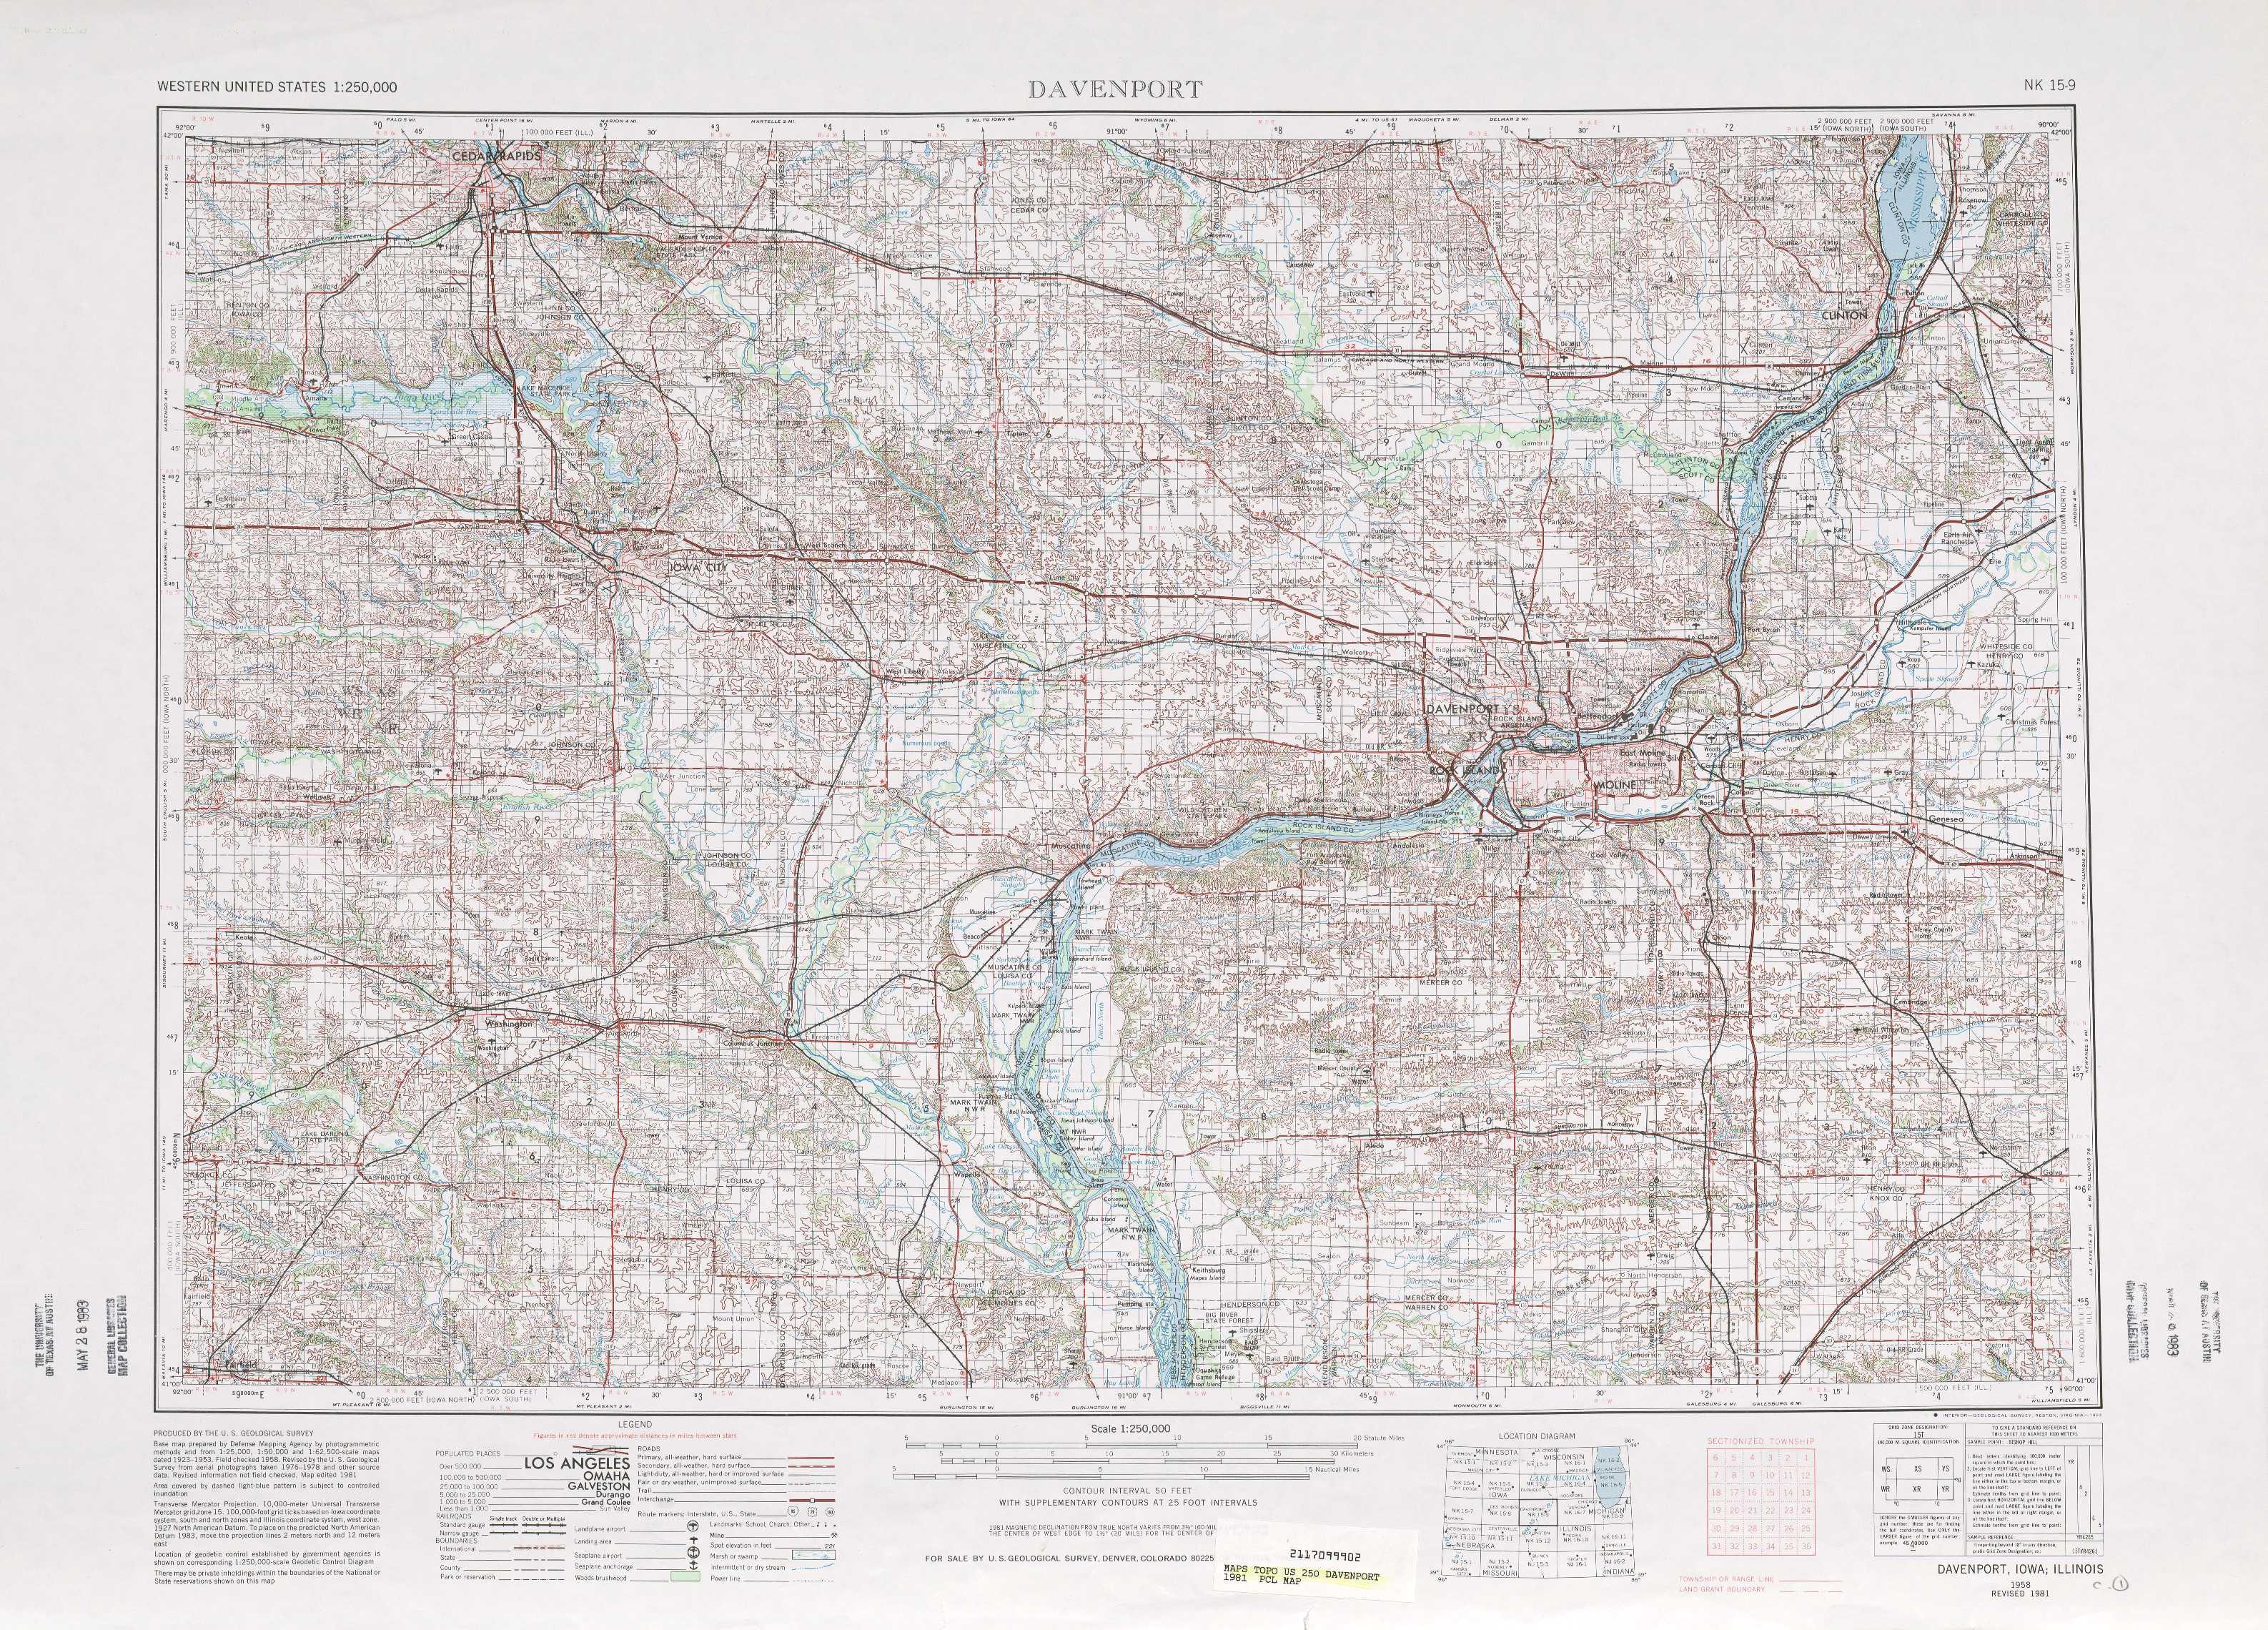 Davenport Topographic Maps Ia Il Usgs Topo Quad 41090a1 At 1